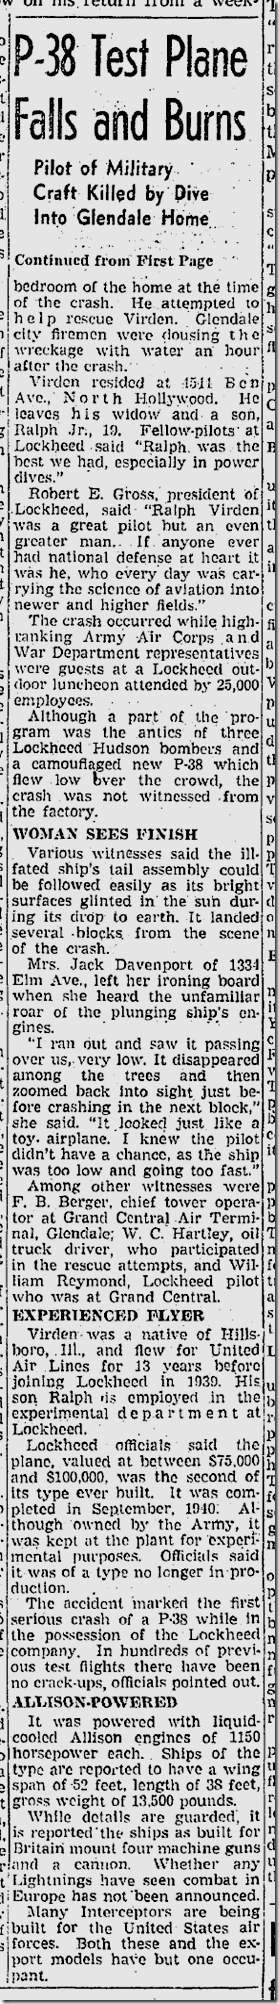 Nov. 5, 1941, P-38 Crashes Into House